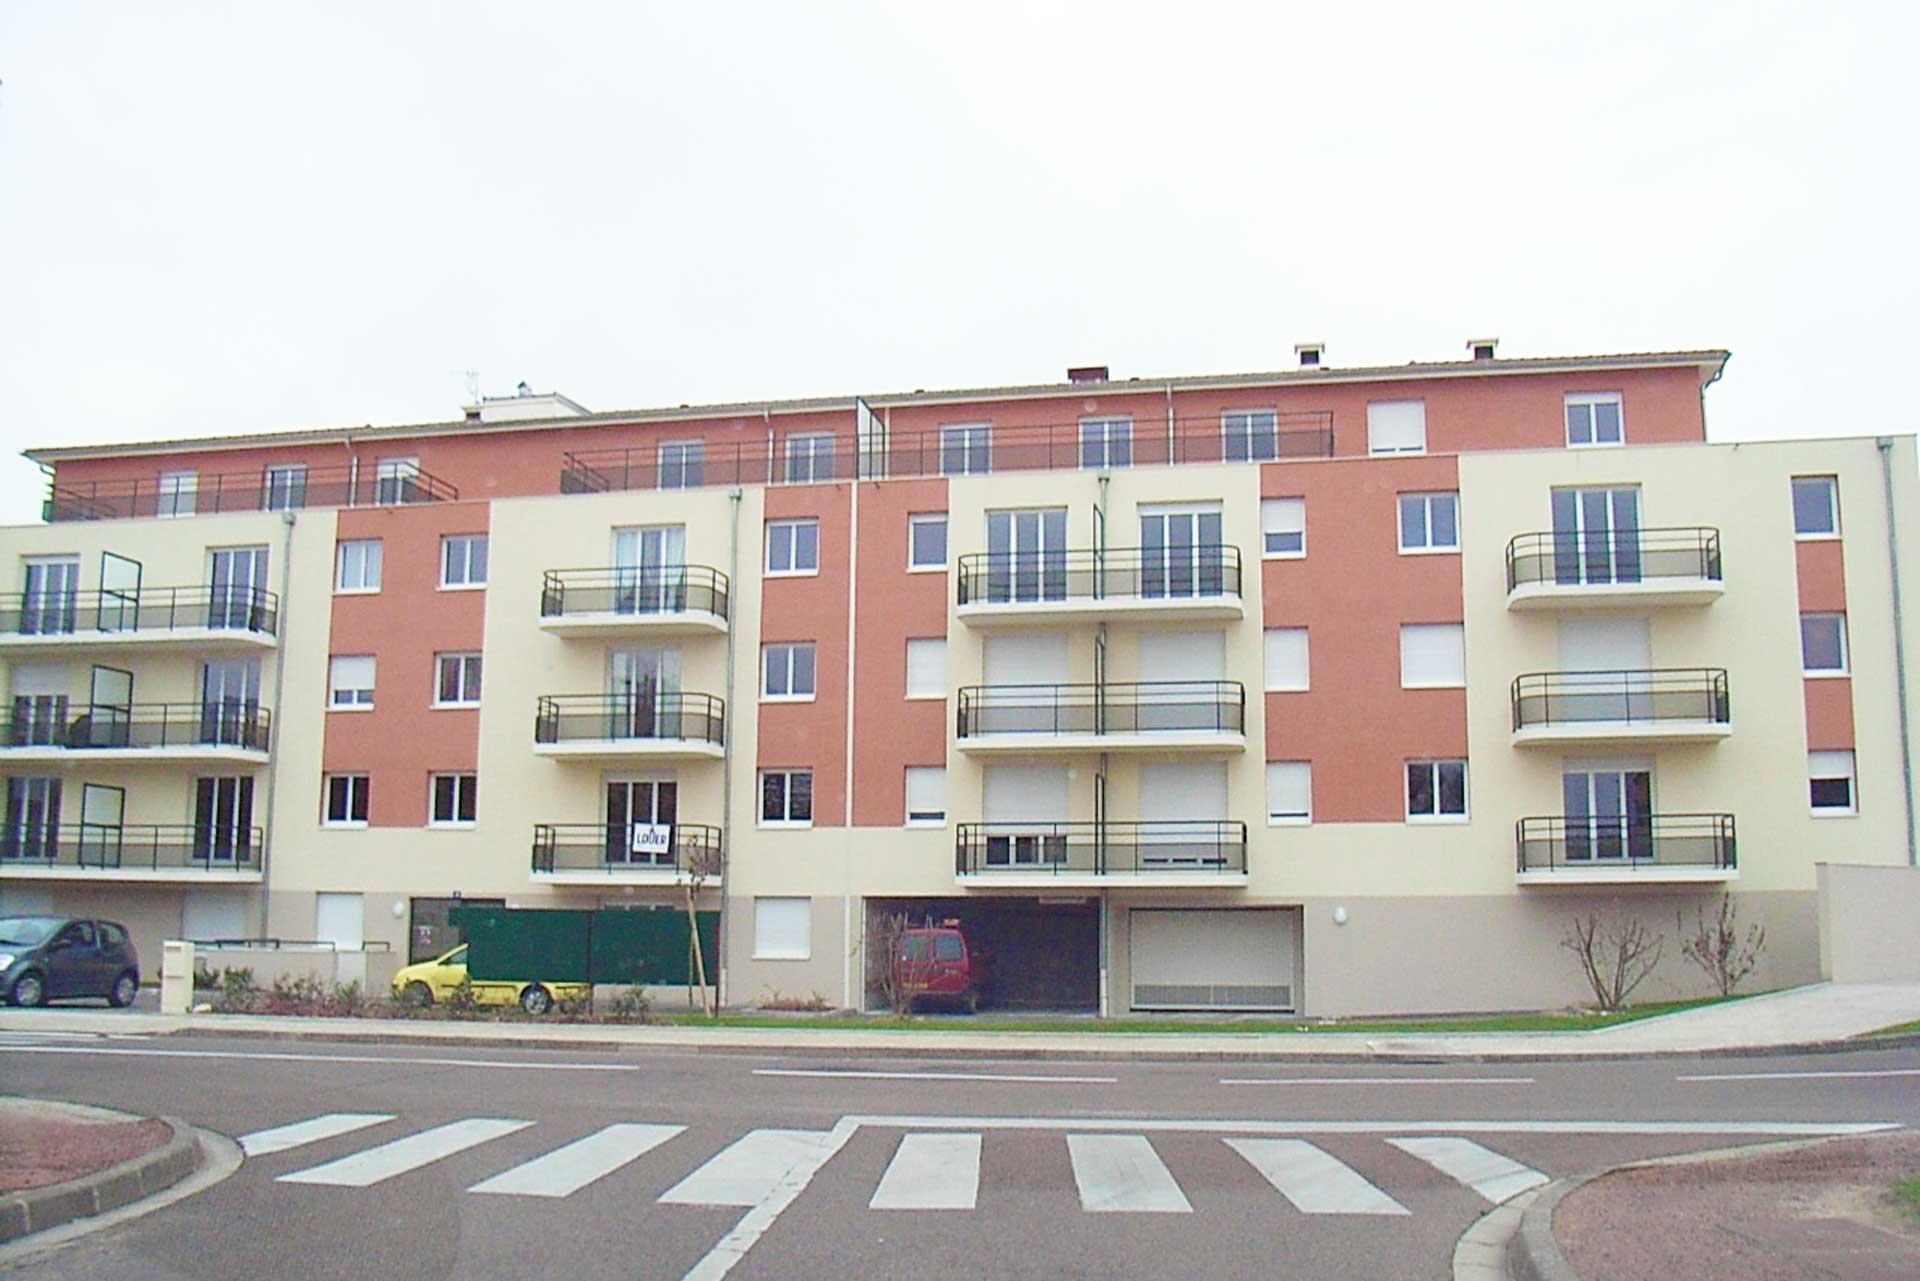 123-logement-libellules-img-(2)